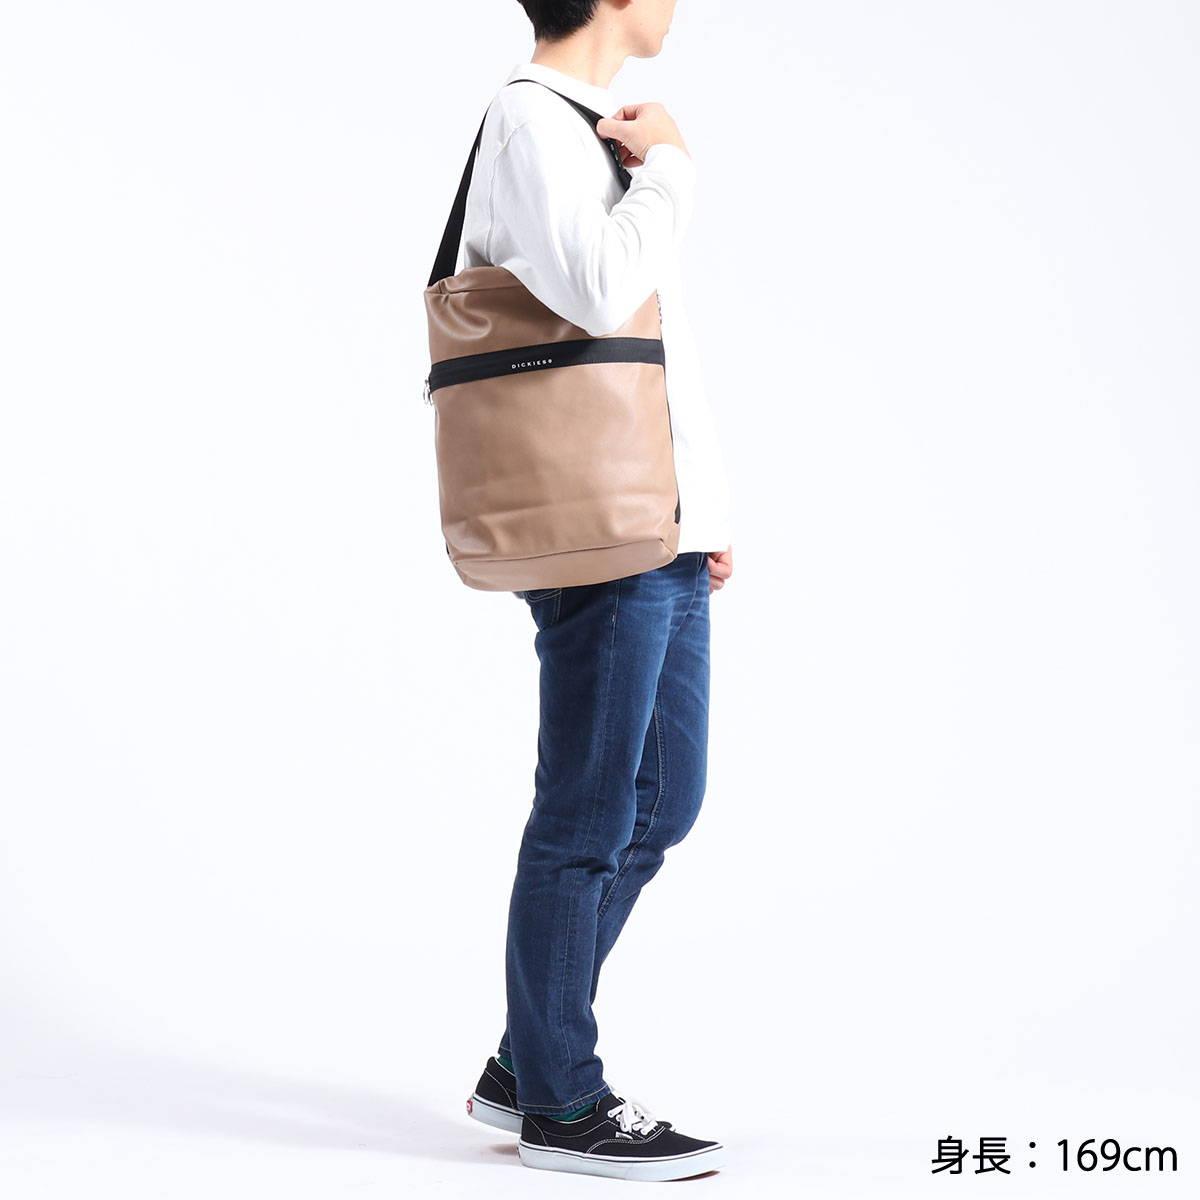 日本Galleria  /  Dickies SYNTHETIC LEATHER 2WAY BAG 休閒後背包  /  dic0031  /  日本必買 日本樂天直送(6490) /  件件含運 5